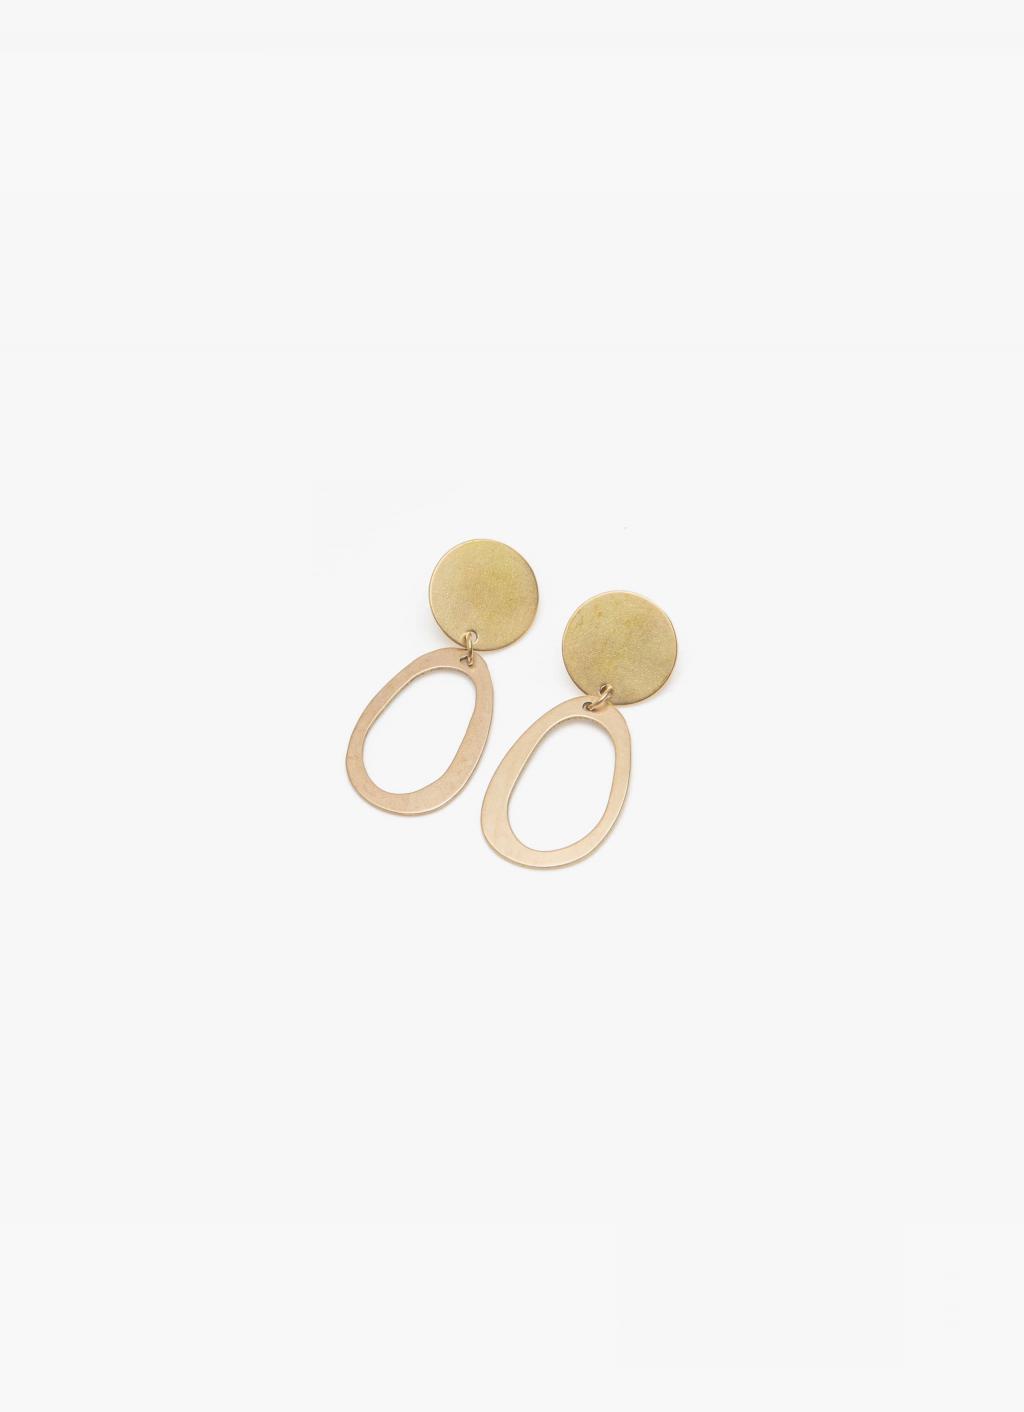 Modern Weaving - Oblong Oval Studs - Brass High Polish